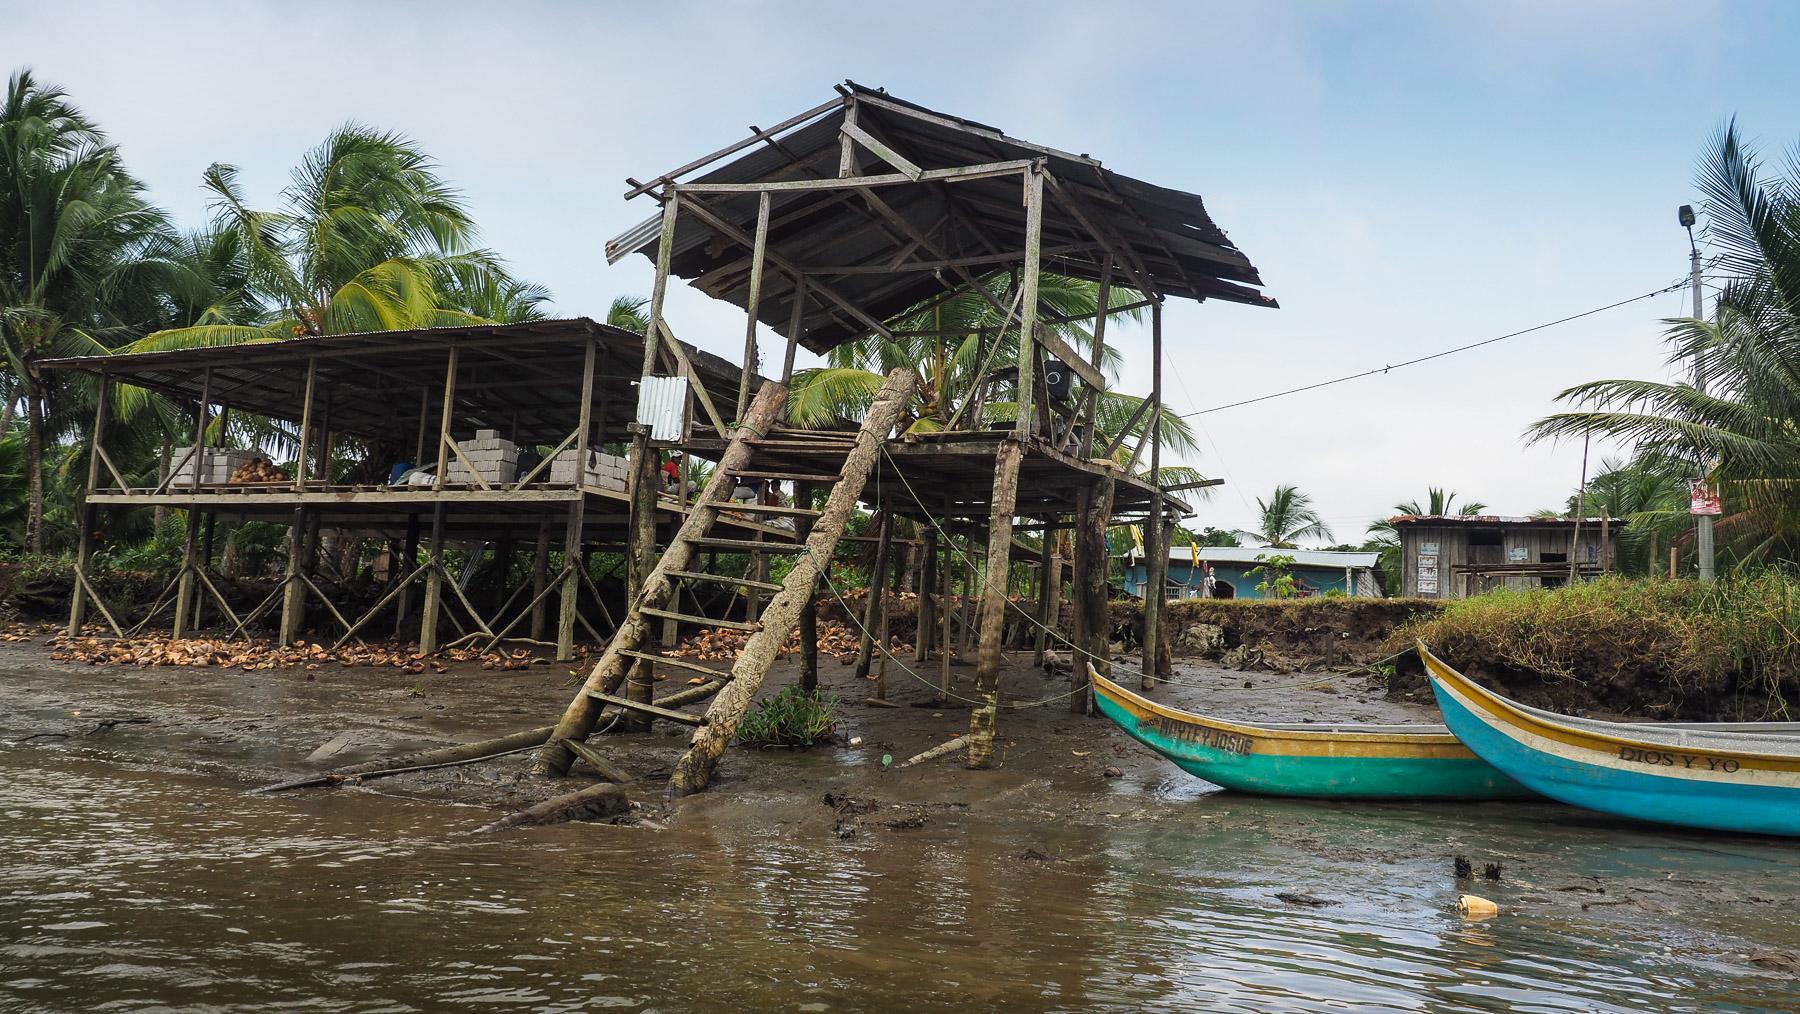 Verarbeitungsplatz für Kokosnüsse